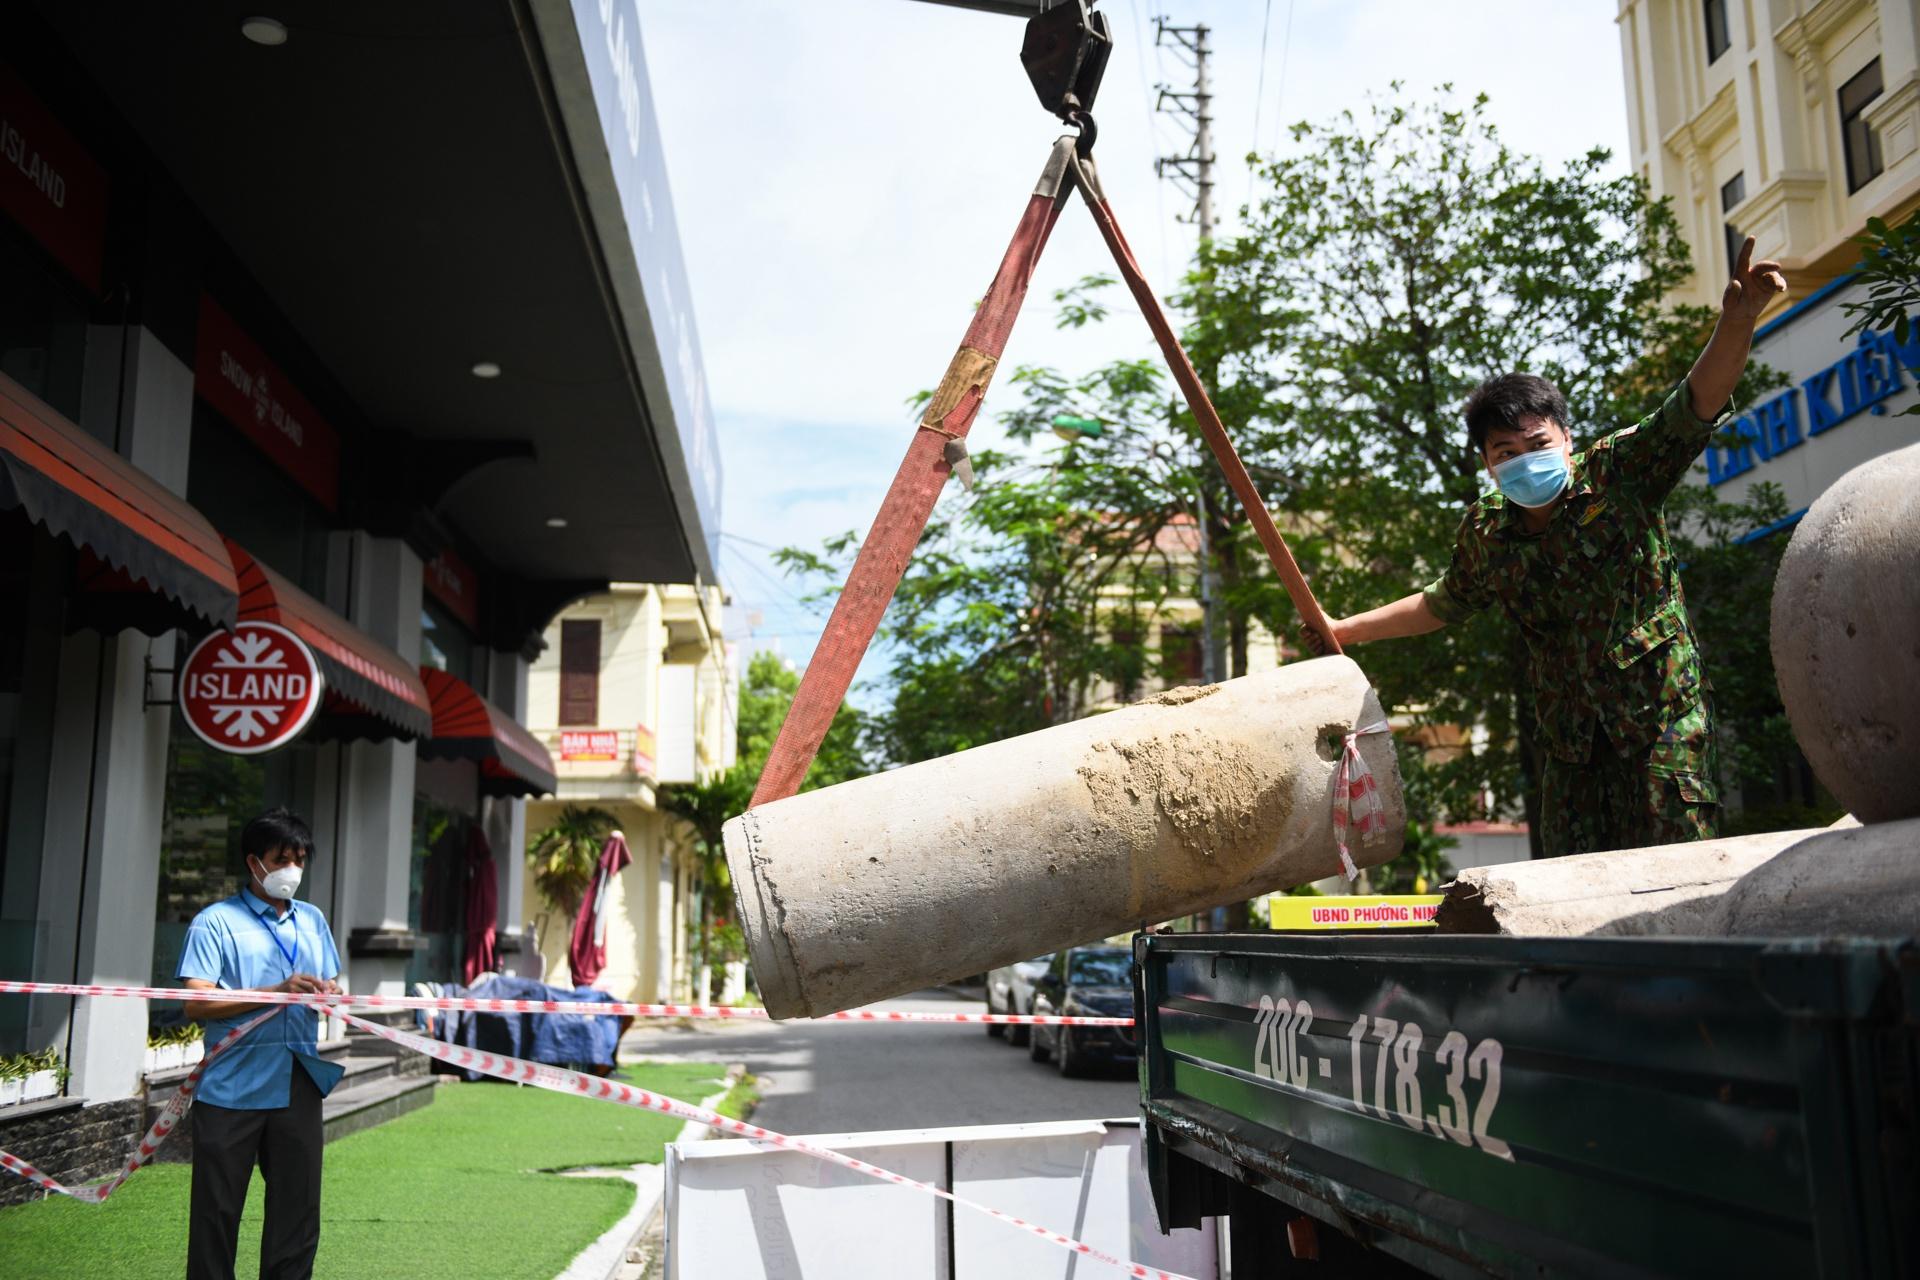 ẢNH-CLIP: Xếp gạch, đổ đất làm chốt chặn ở TP.Bắc Ninh - Ảnh 2.